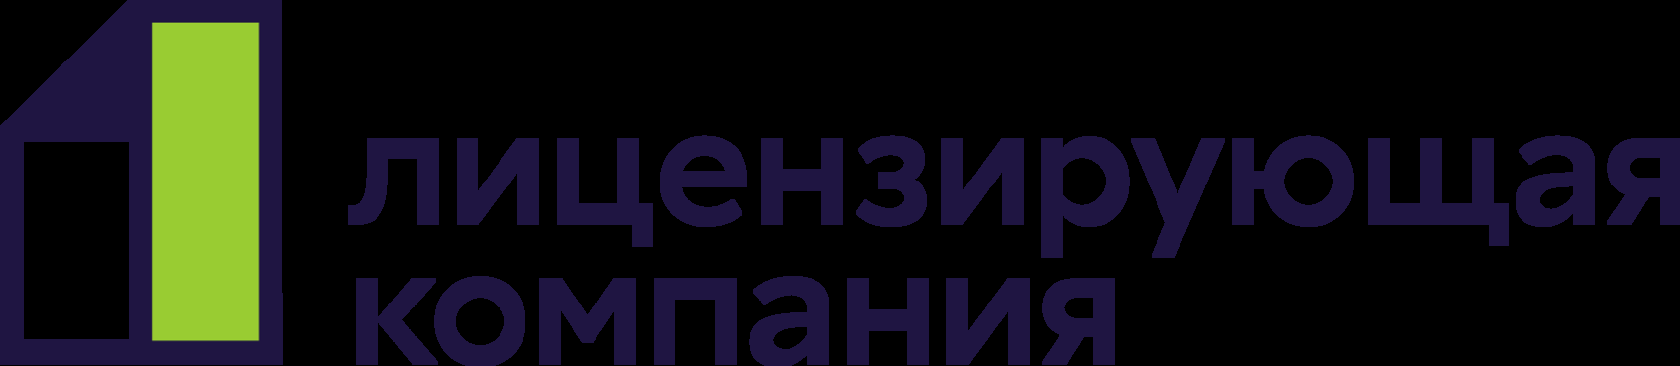 Первая лицензирующая компания логотип